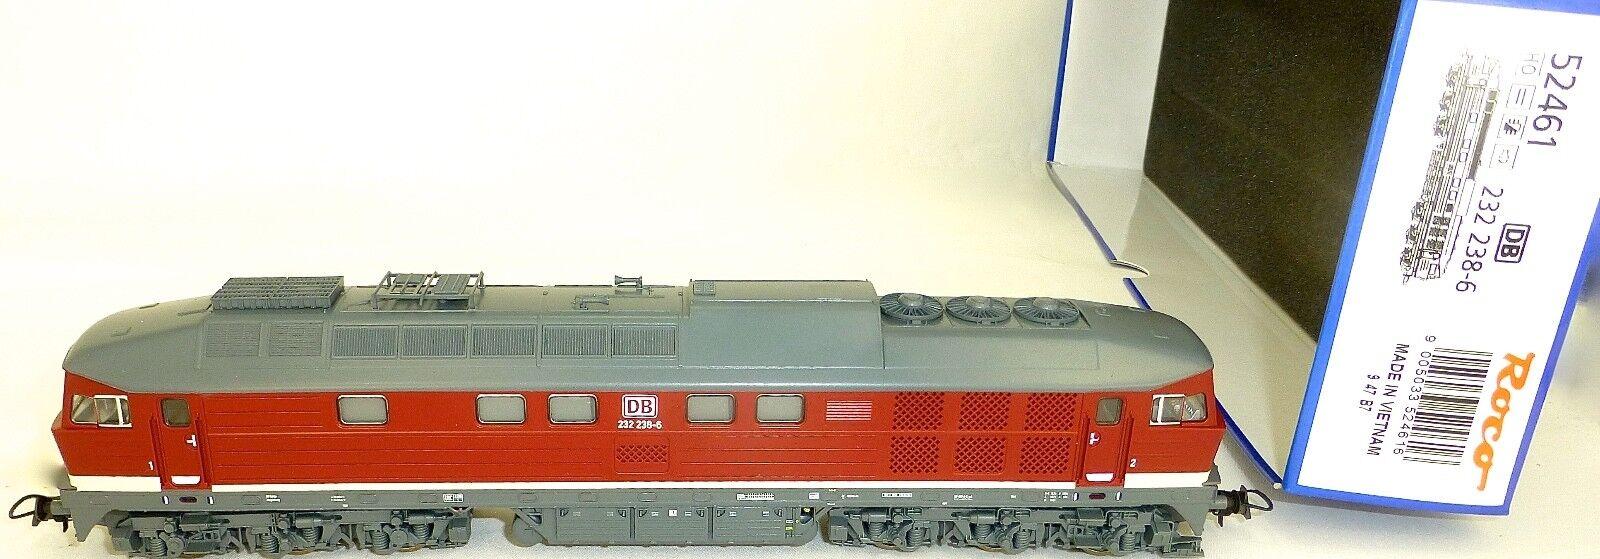 Más asequible 232 238-6 diesellok sonido digital DB-AG roco 52461 h0 h0 h0 1 87 µka2   Todo en alta calidad y bajo precio.